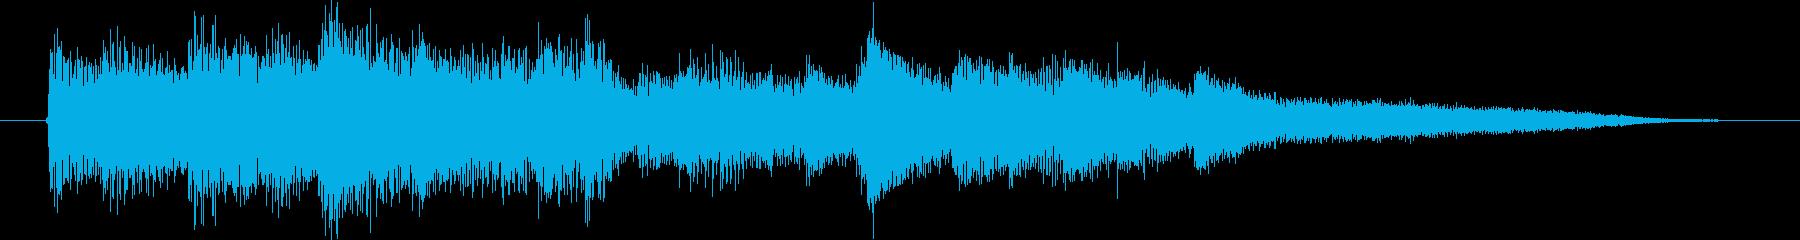 ピアノ演奏/CM前、冷静な報道のジングルの再生済みの波形